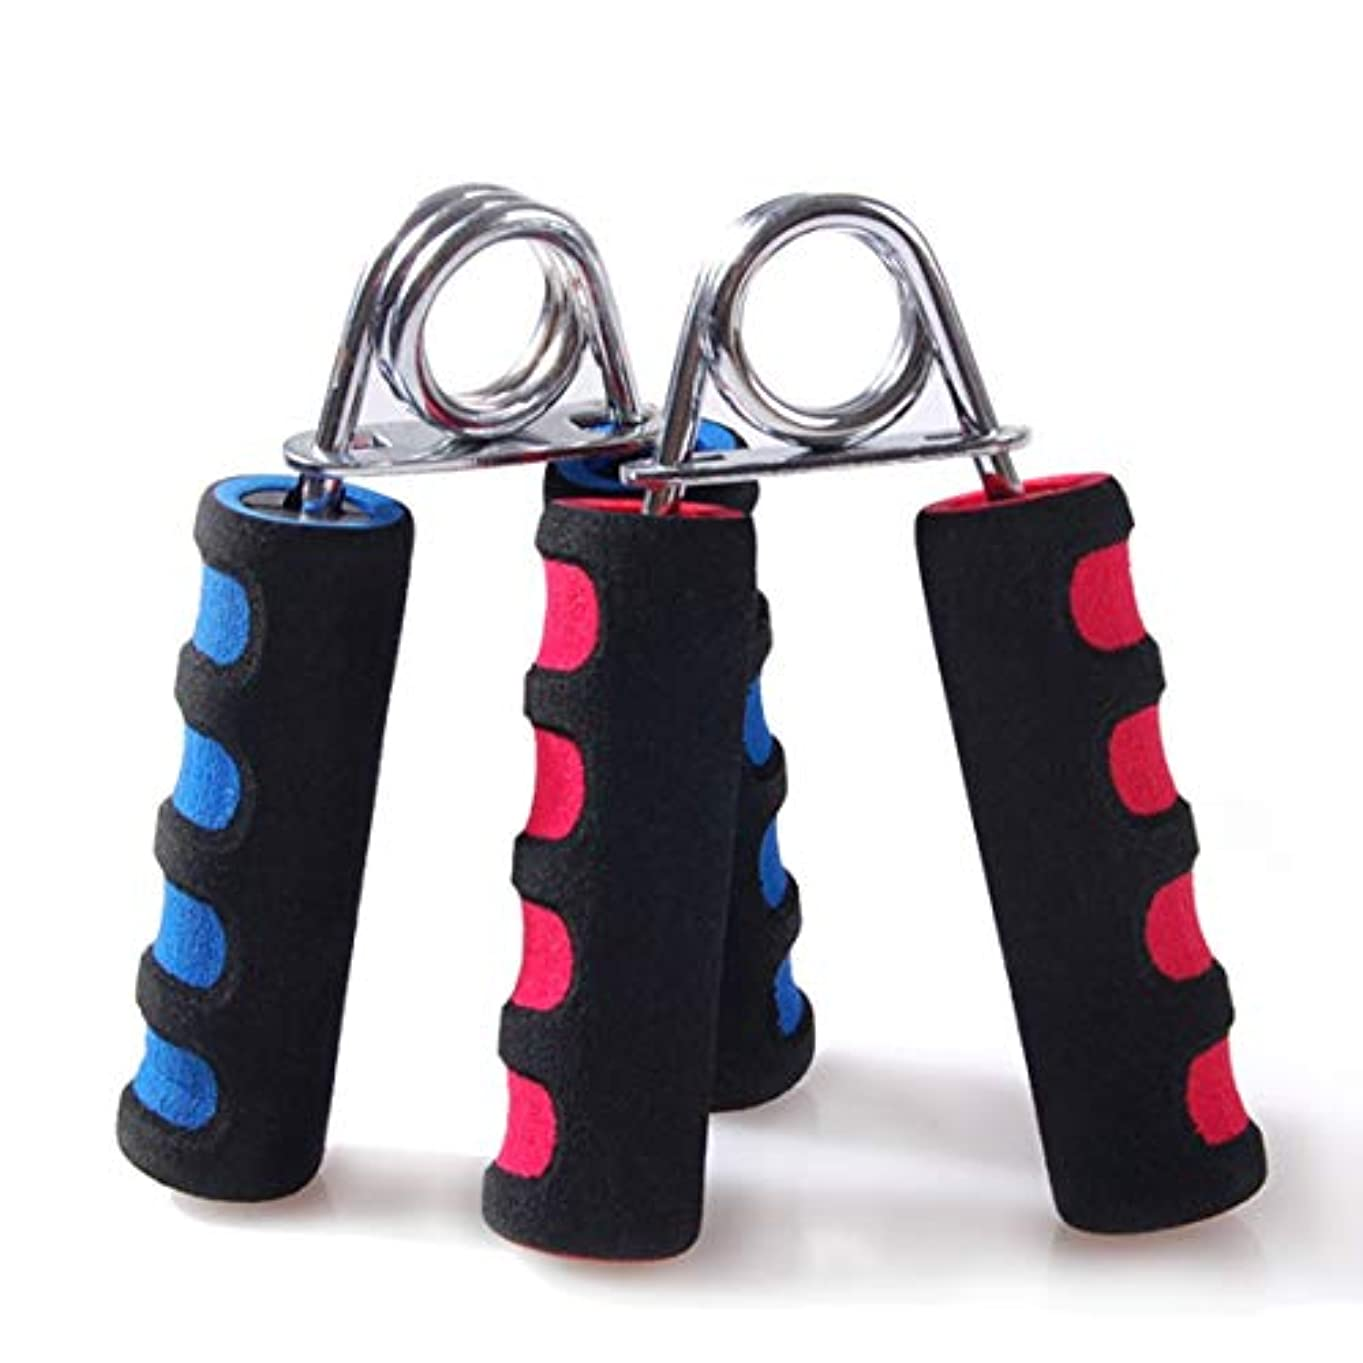 故障ペインティングラベンダーハンドグリッパーアーム手首エクササイザフィットネスグリップジムと毎日の運動のためのヘビーストレングストレーナー - カラーランダム